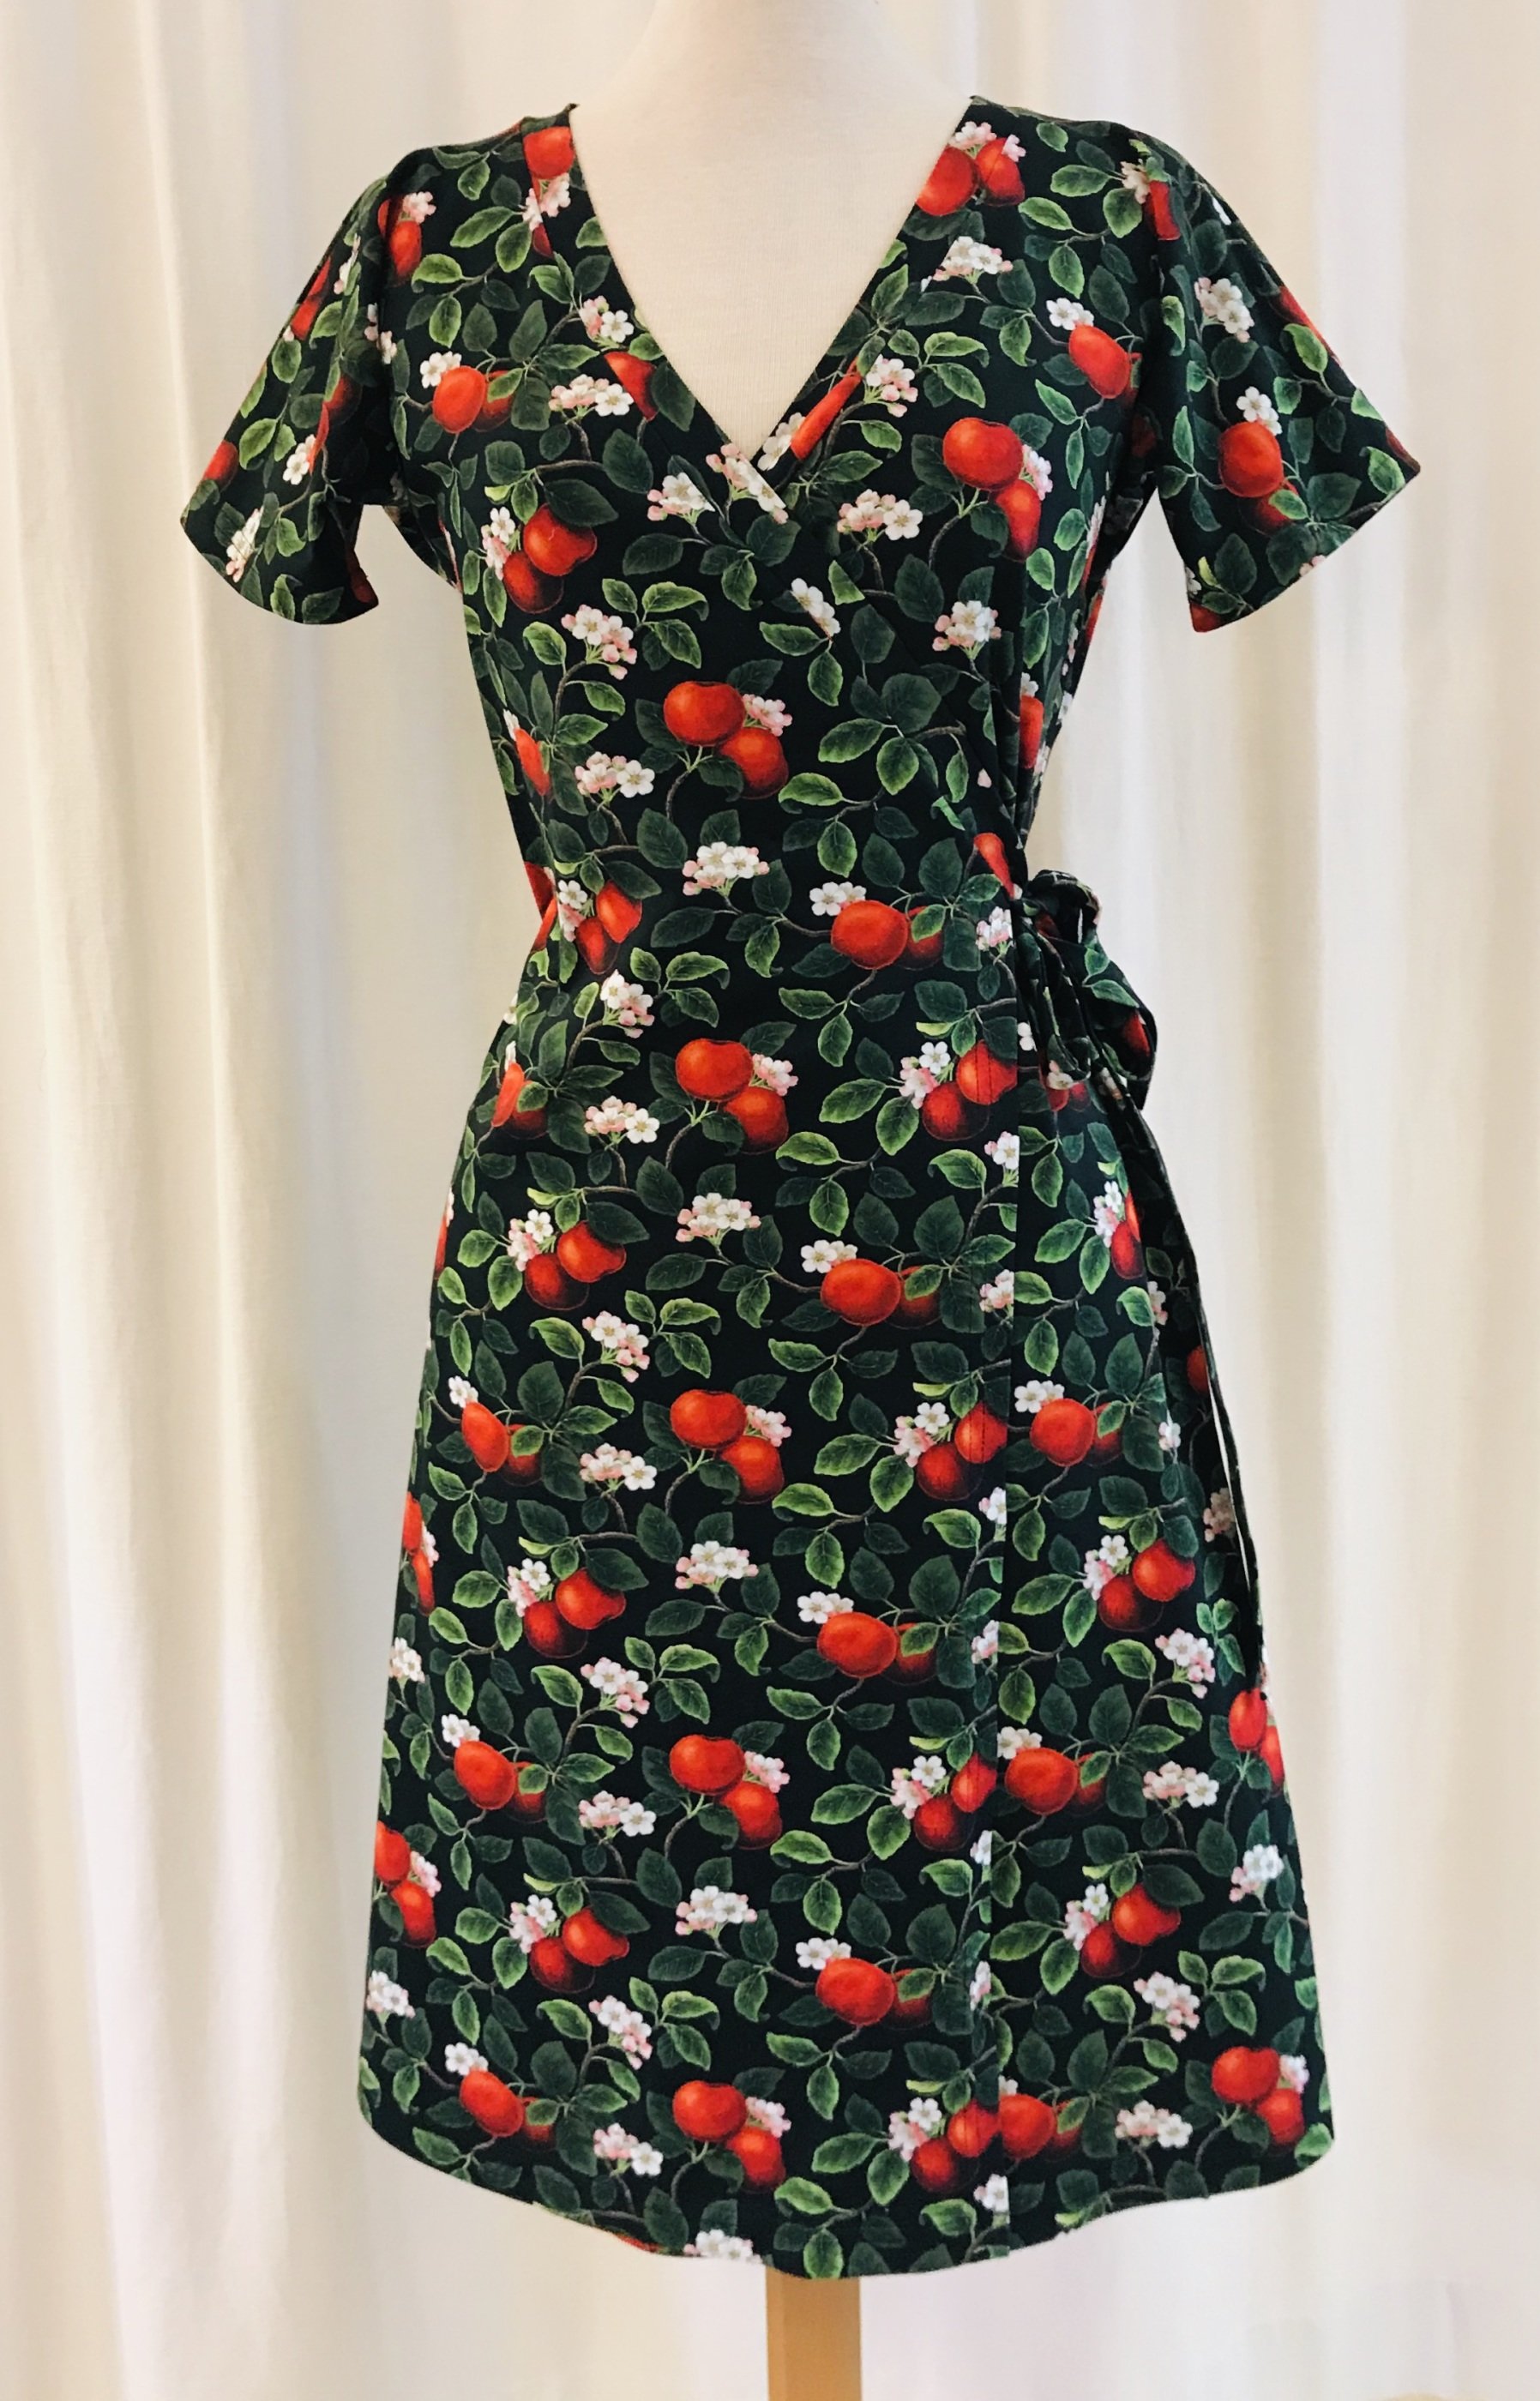 Omlottklänning Viola bomull trikå äppelblom äpple svart SaraLaholm unik design